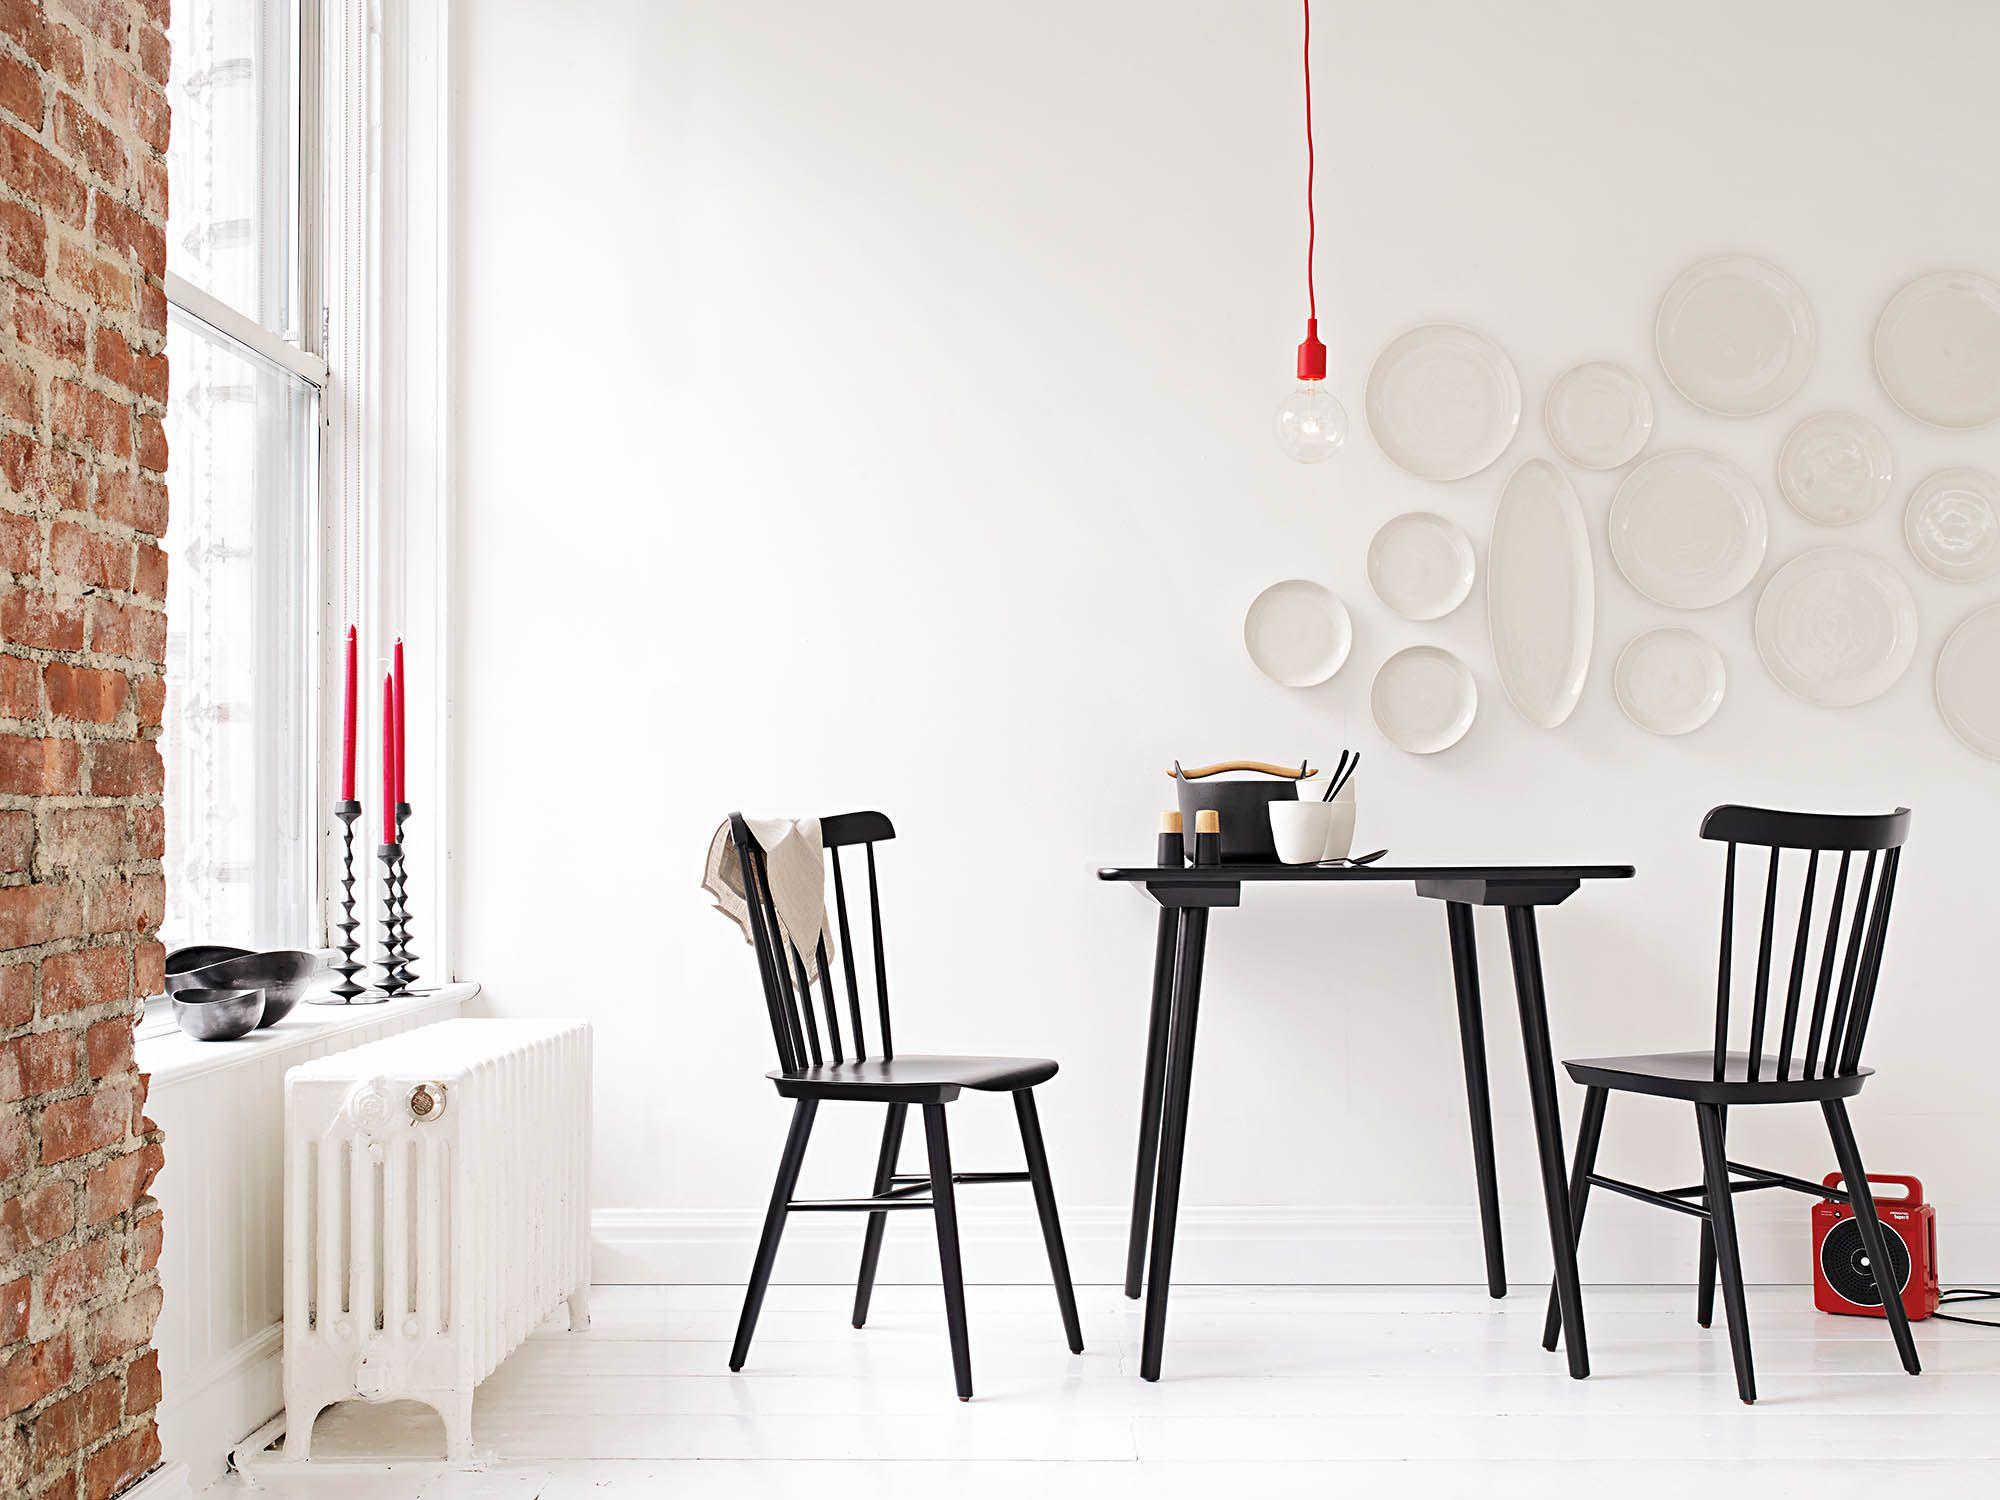 Eponica Tisch Und Stuhl. Skandinavisches Design Lebt Von Seiner  Simplizität: Bloß Kein überflüssiges Dekor